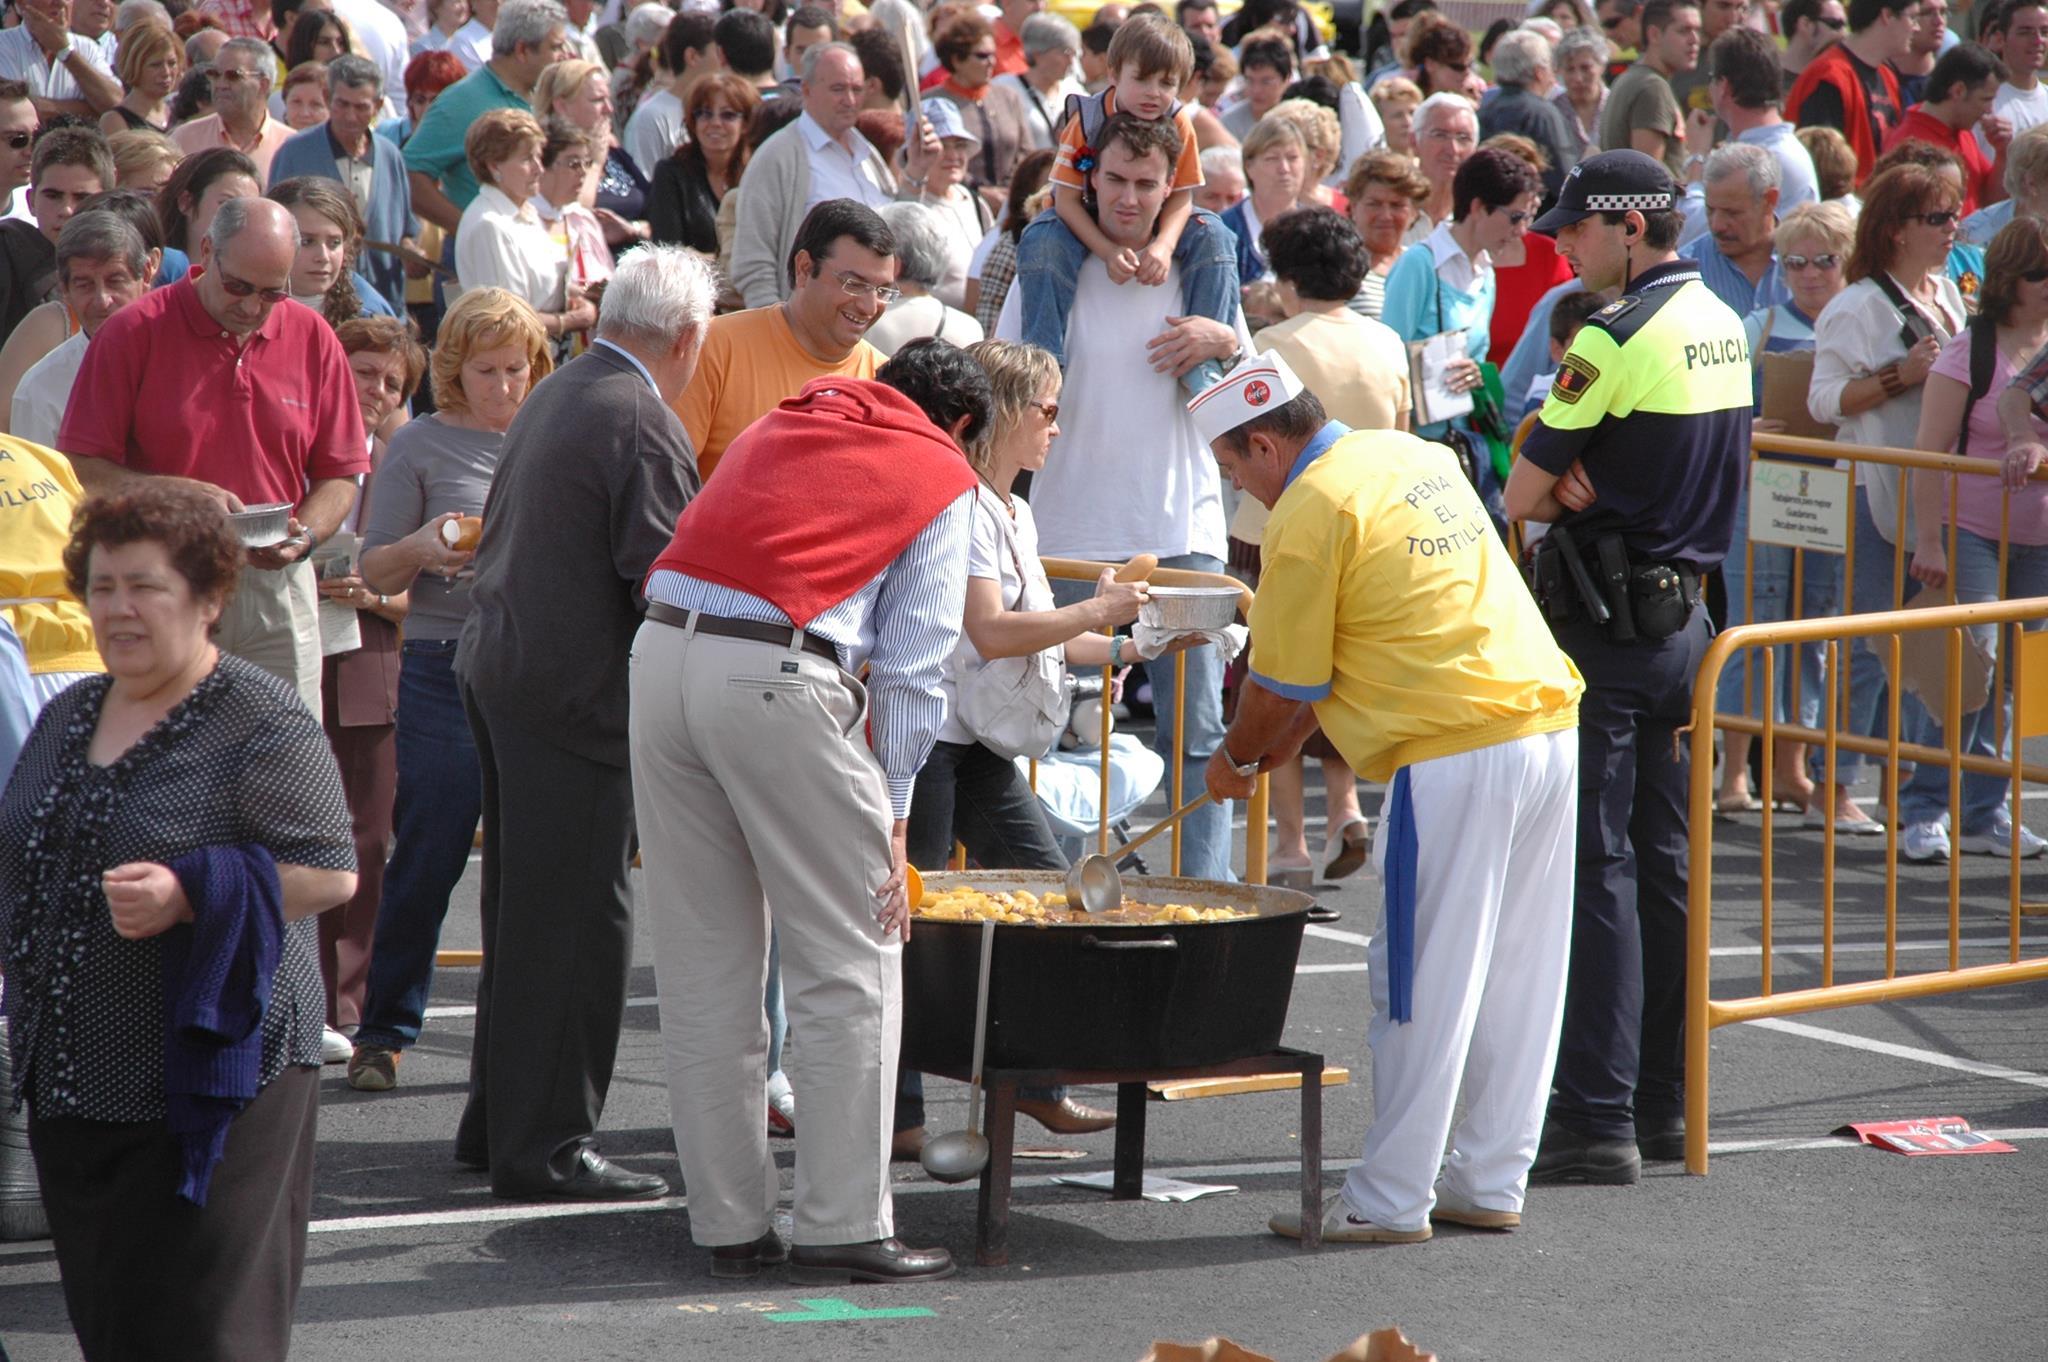 Fiestas en Guadarrama (2) (Copy)